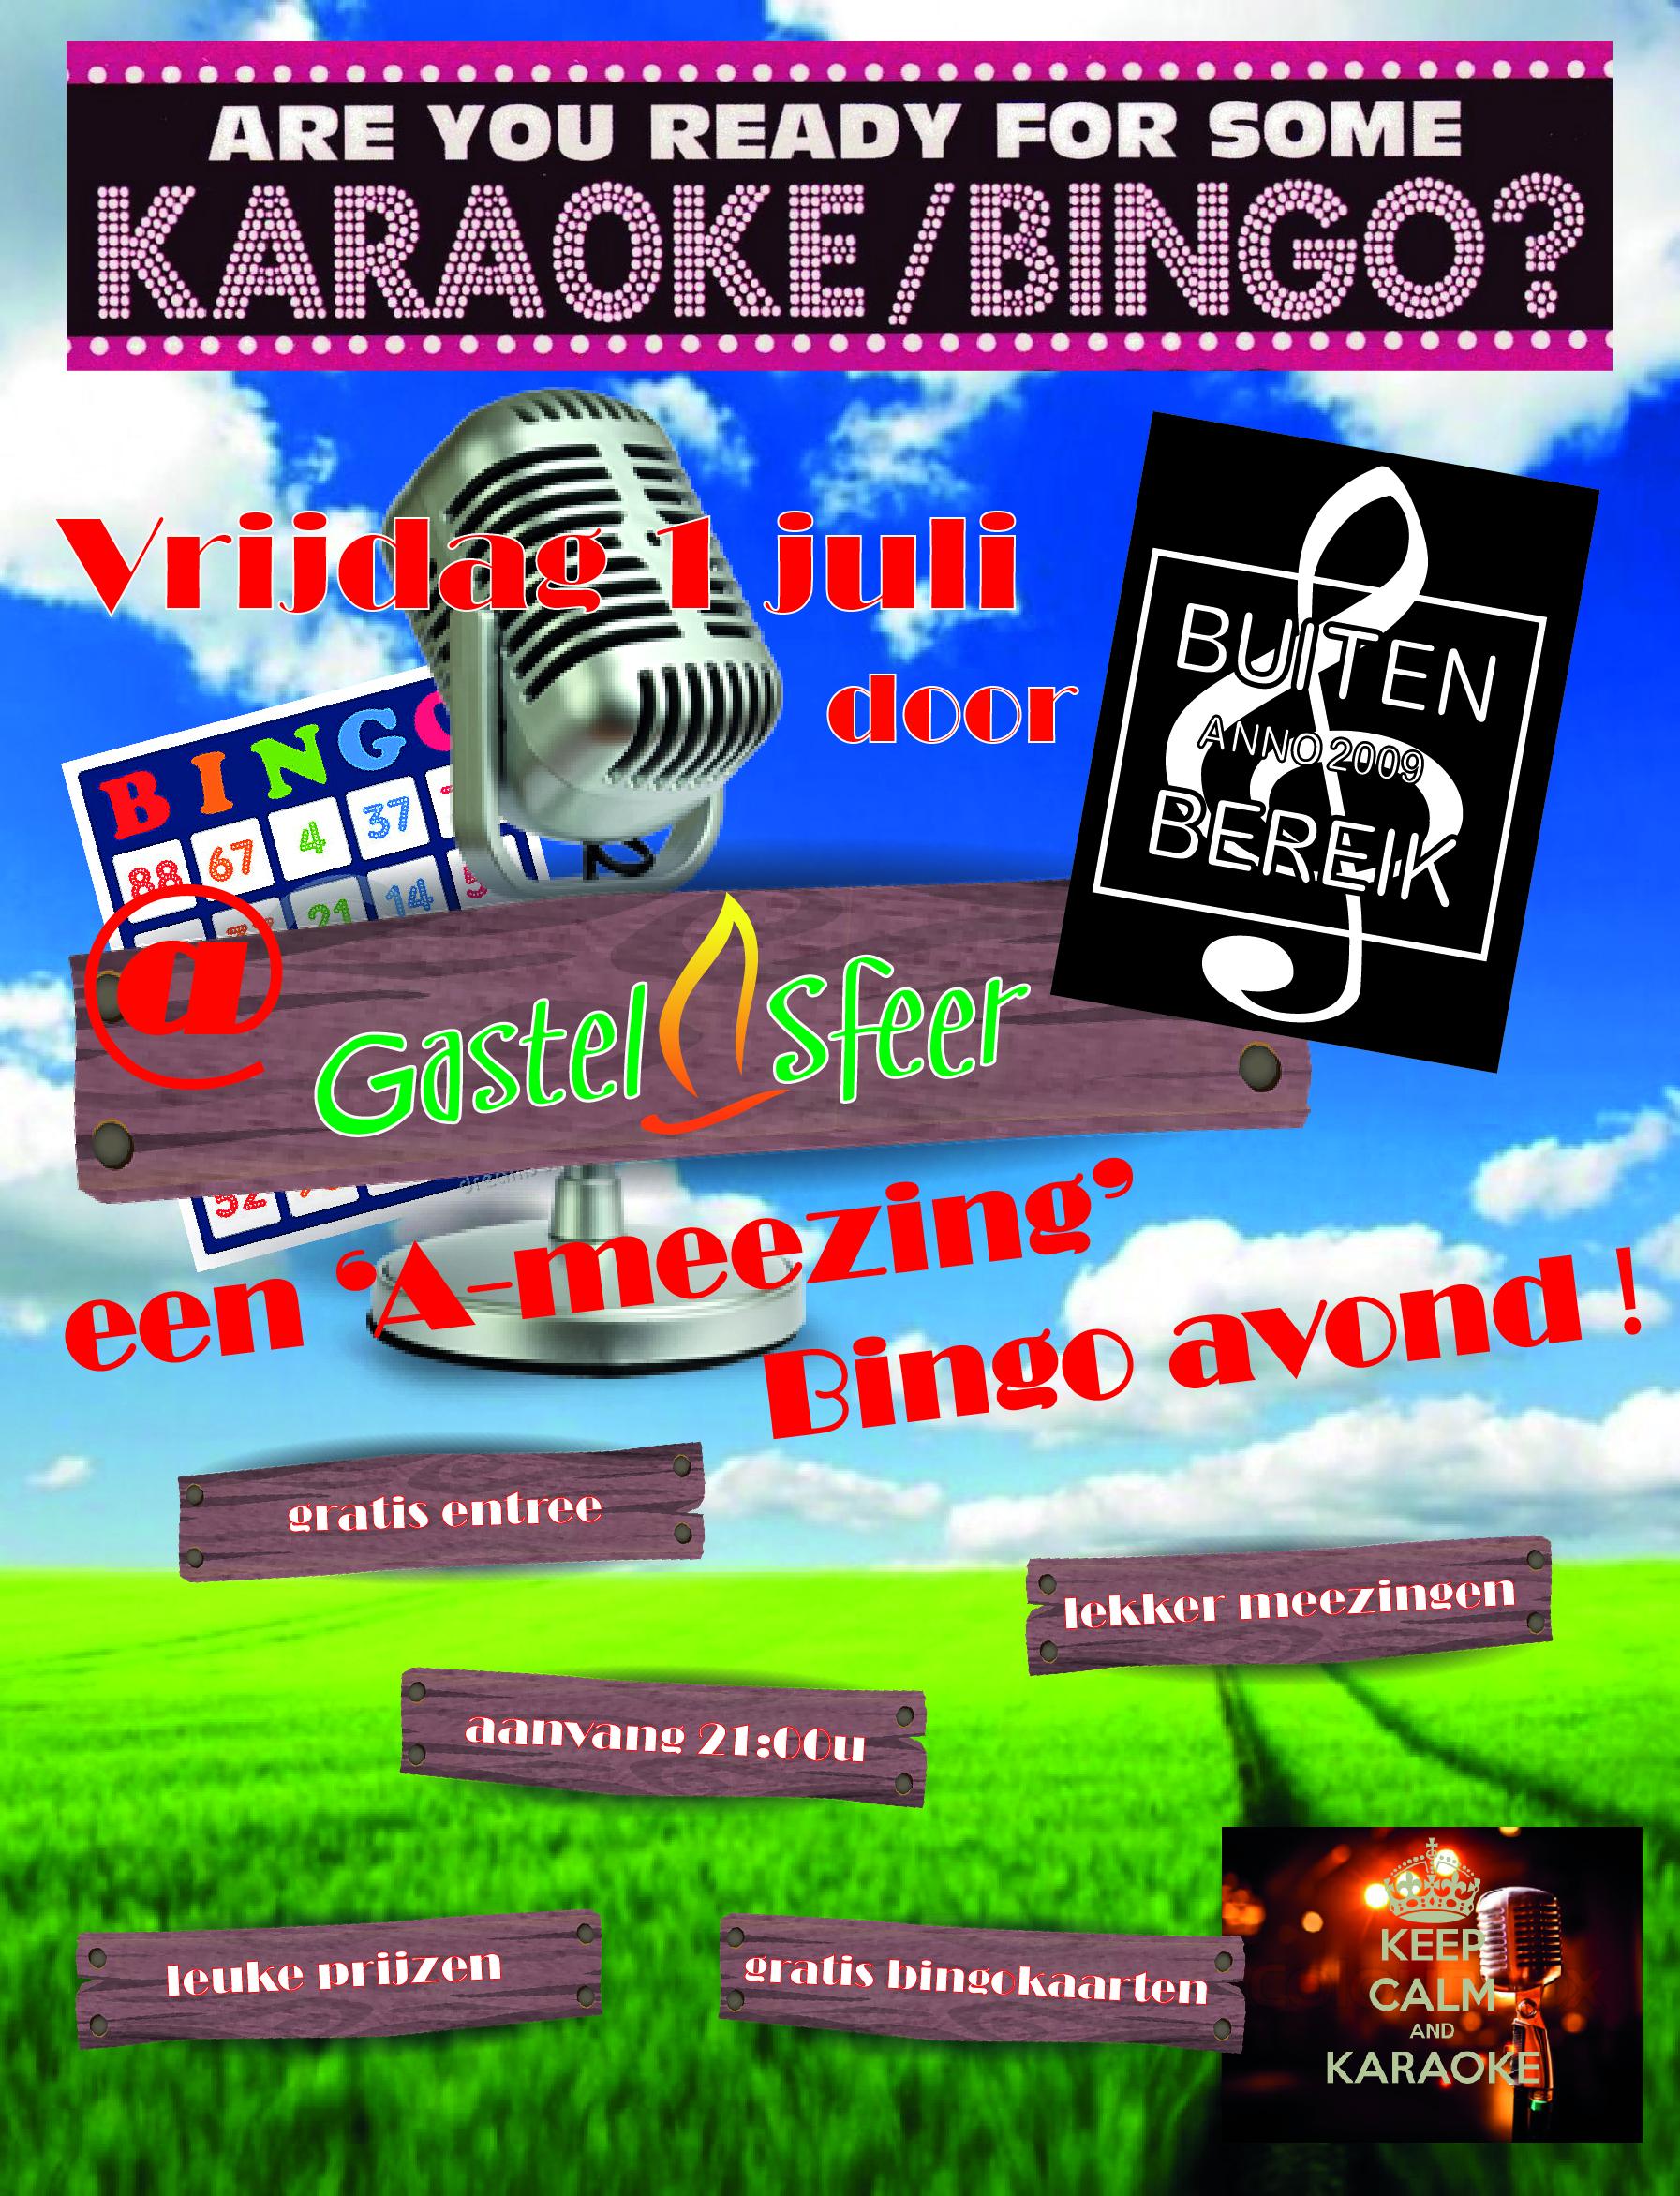 Karaoke Bingo